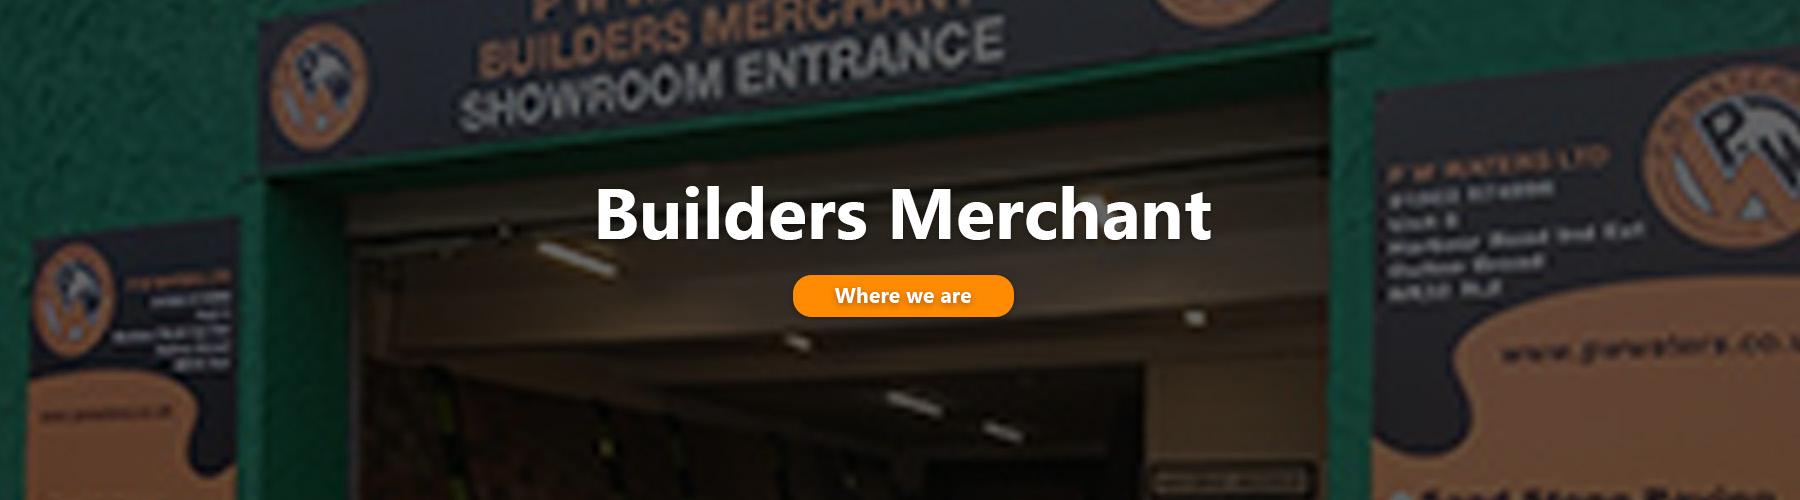 Builders Merchant